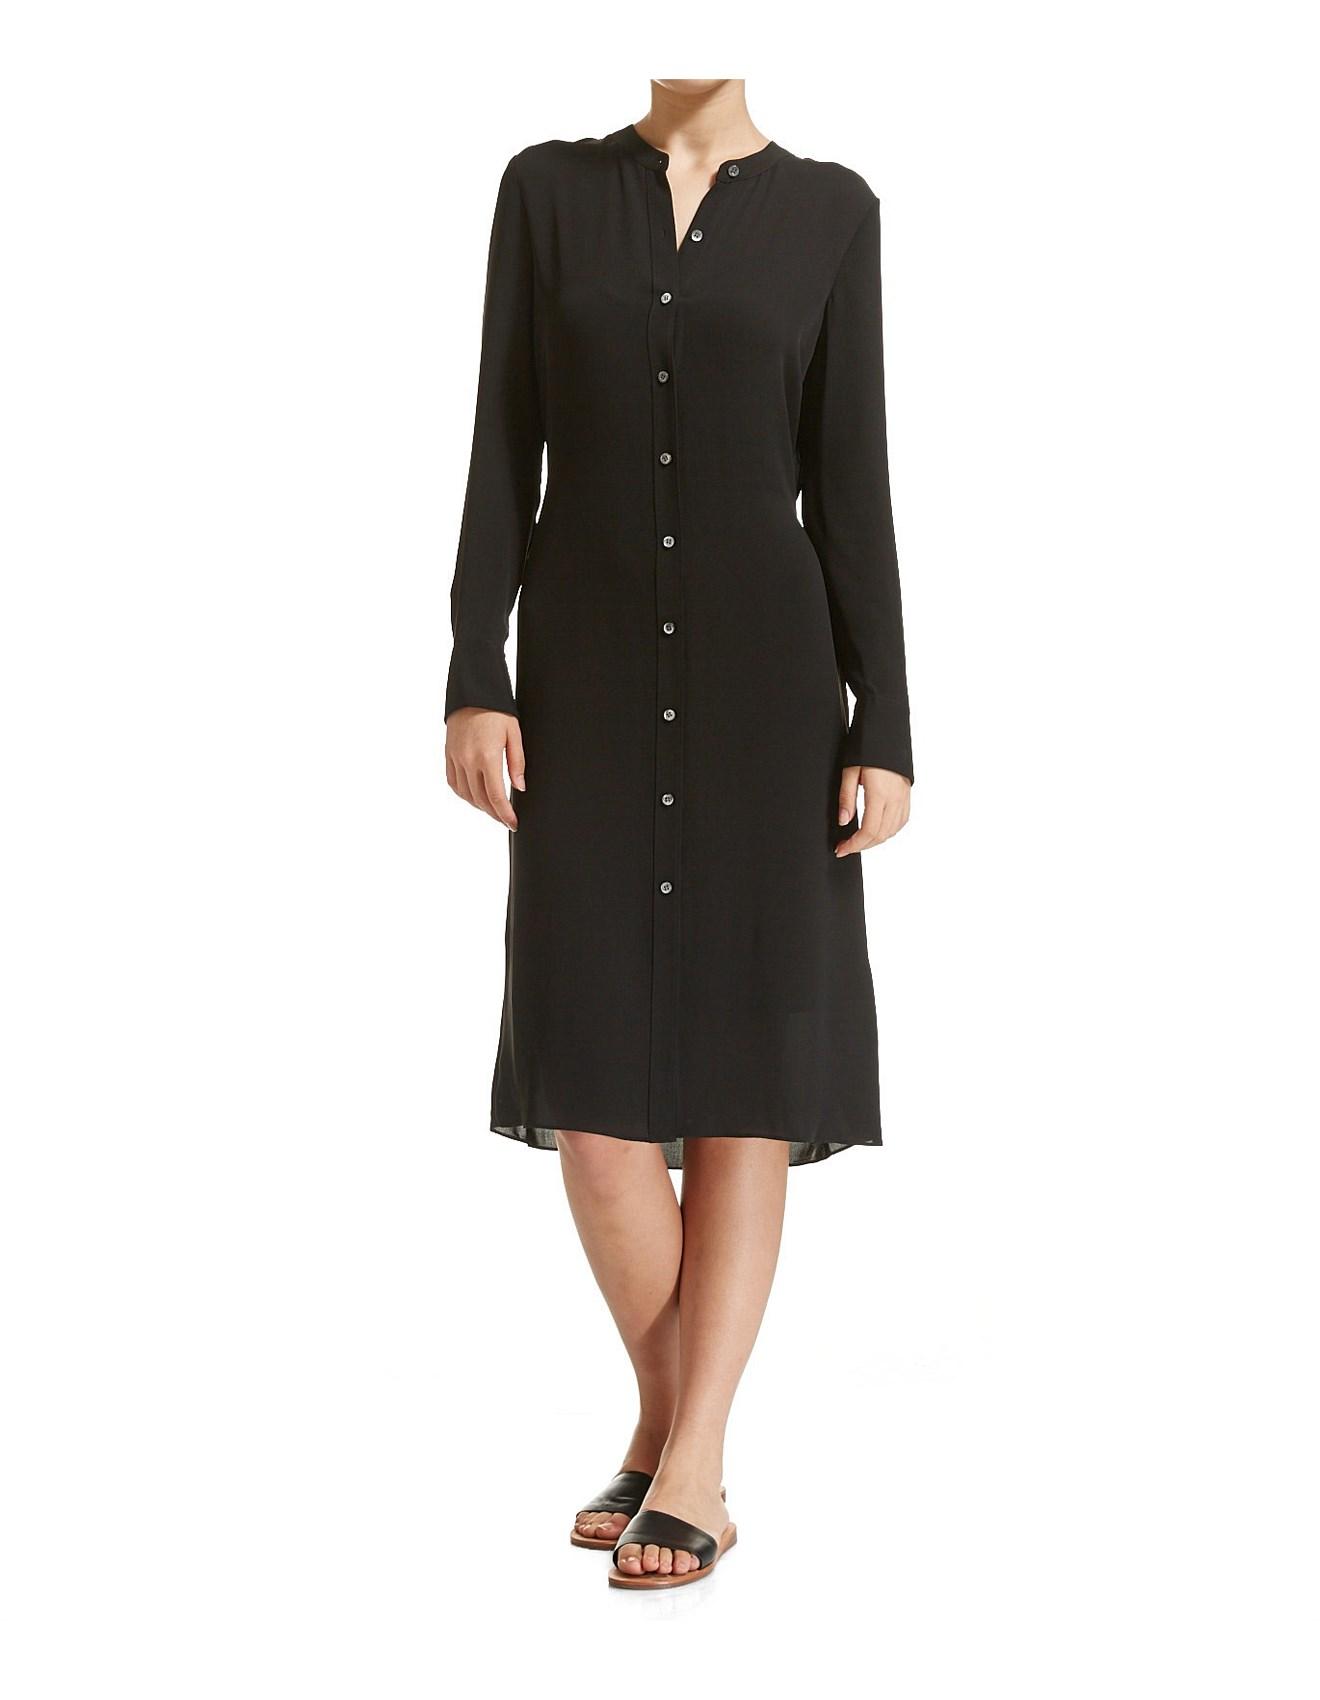 866a2e32a9a EFFORTLESS TUNIC DRESS